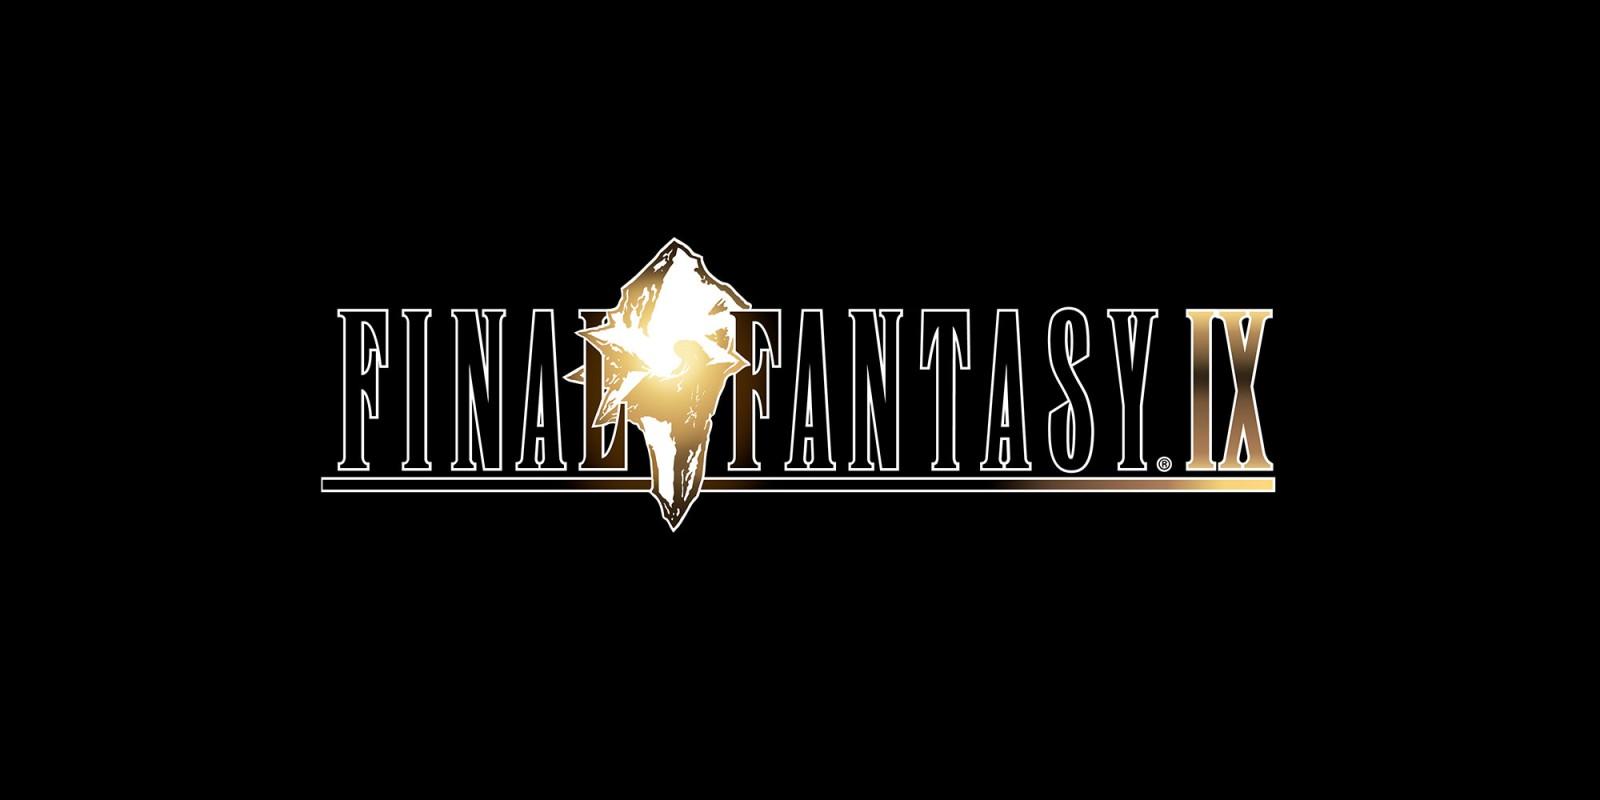 Un bel dietro le quinte di Final Fantasy IX